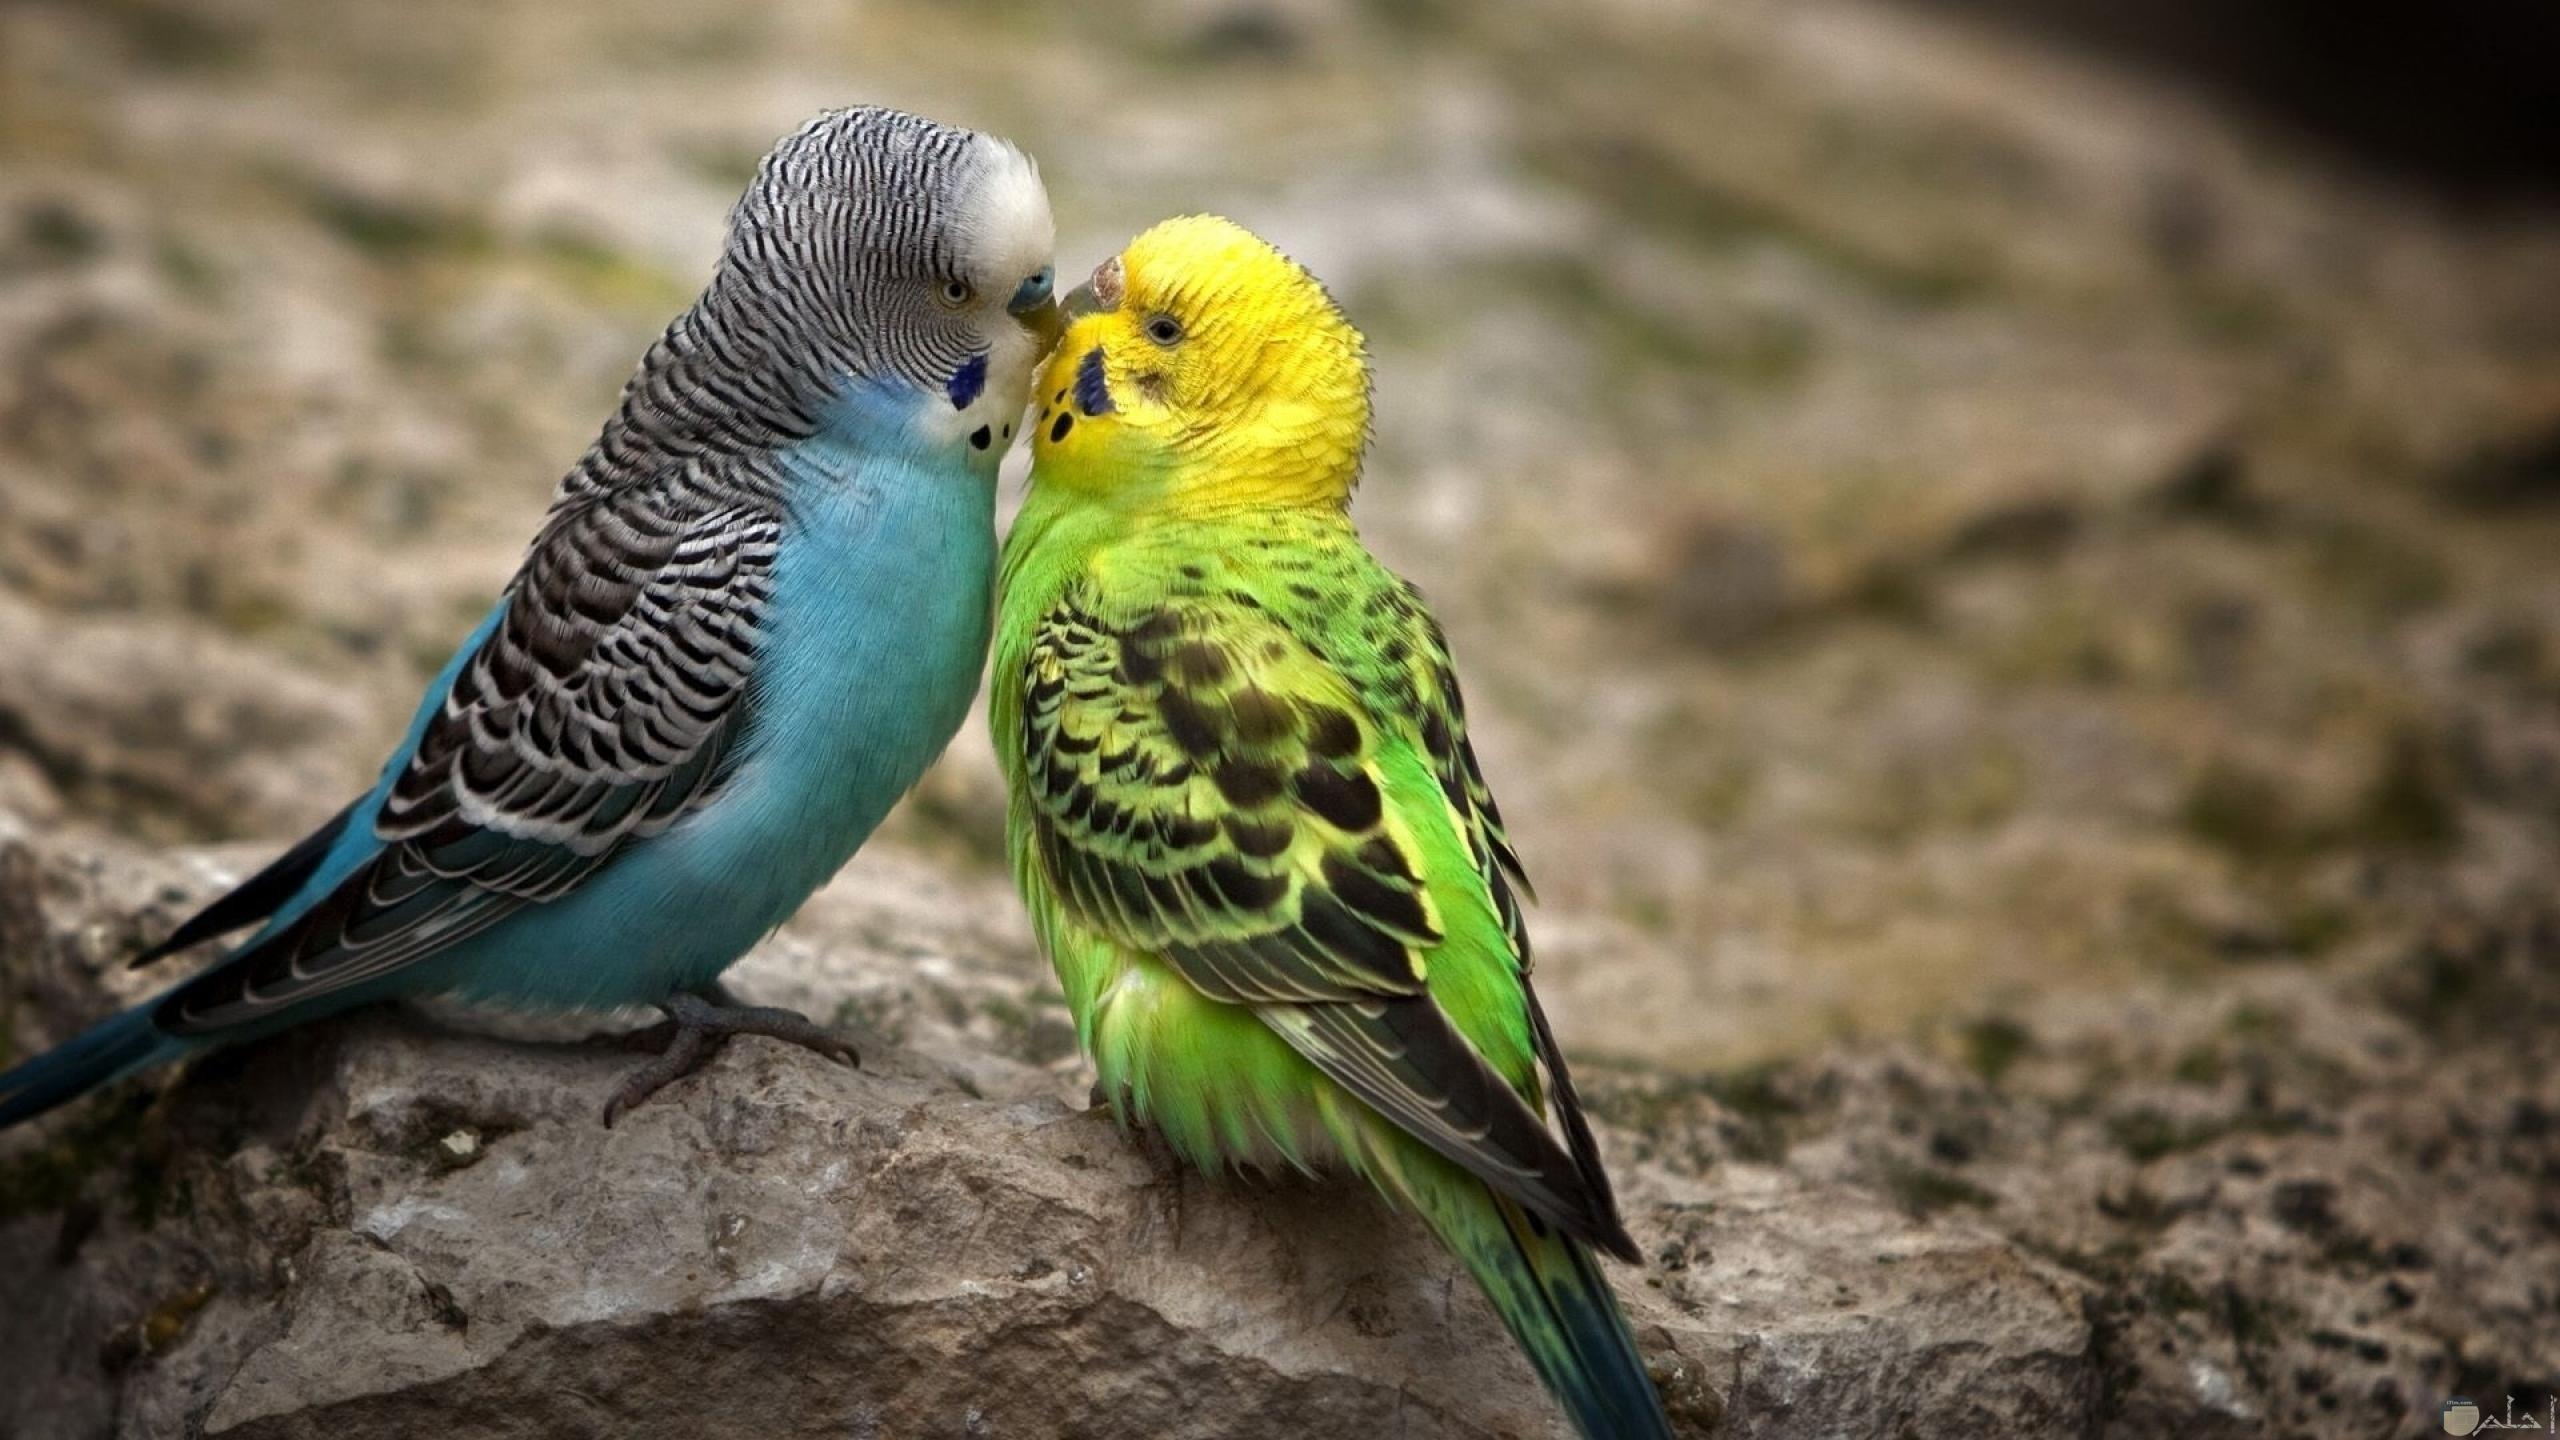 خلفية مميزة لزوج من العصافير بحالة عشق